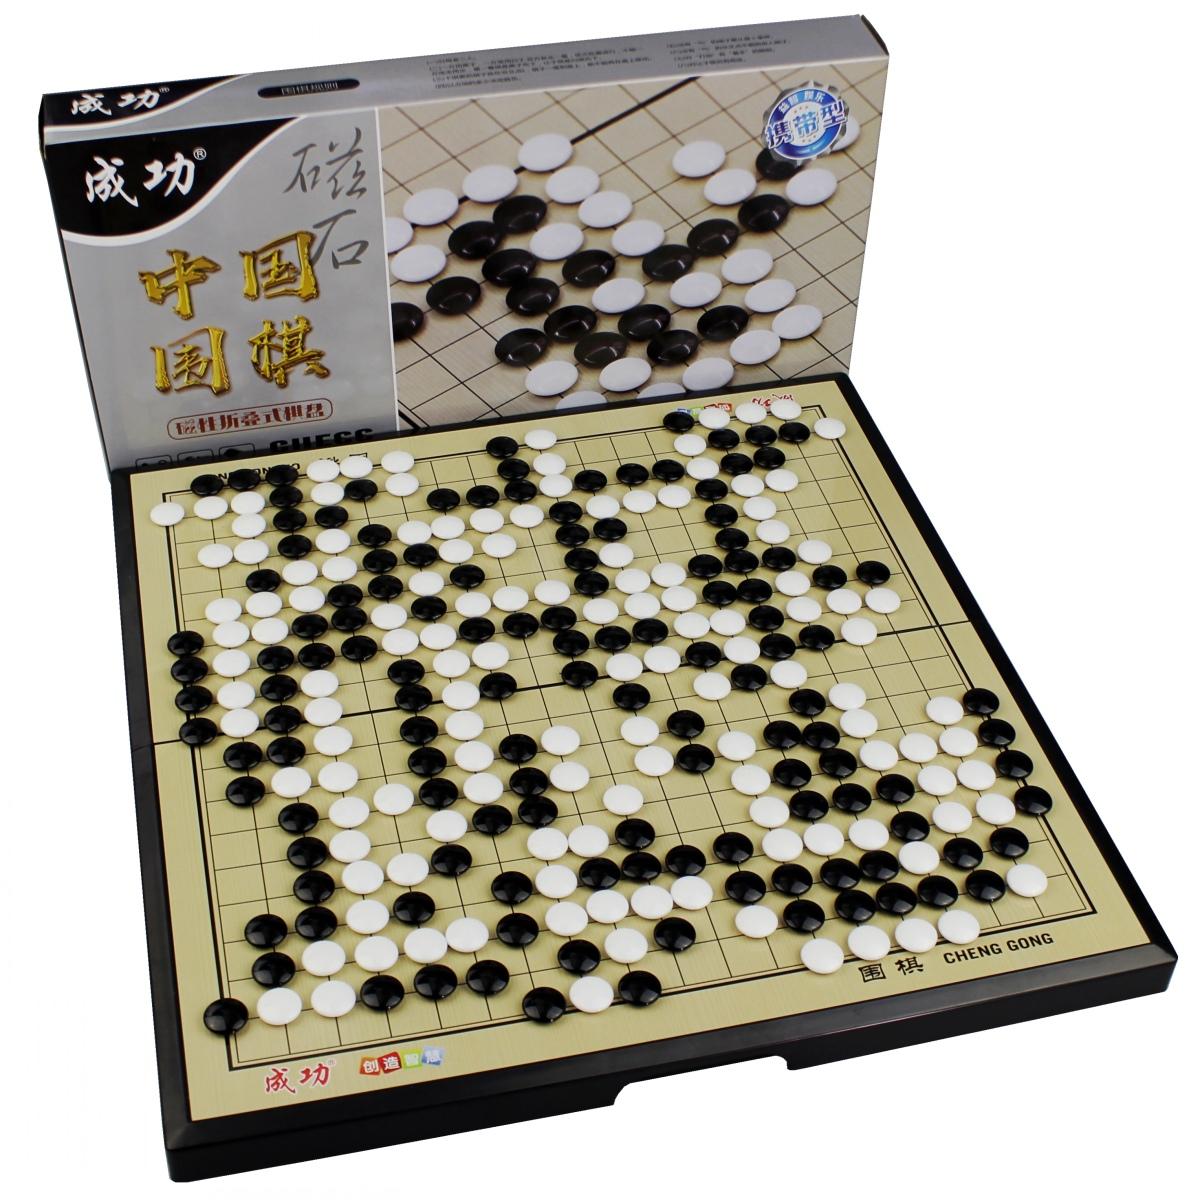 Идти успех магнитный большой размер сложить шахматная доска установите 19 дорога ребенок головоломка пять сын шахматы игрушка новичок обучение